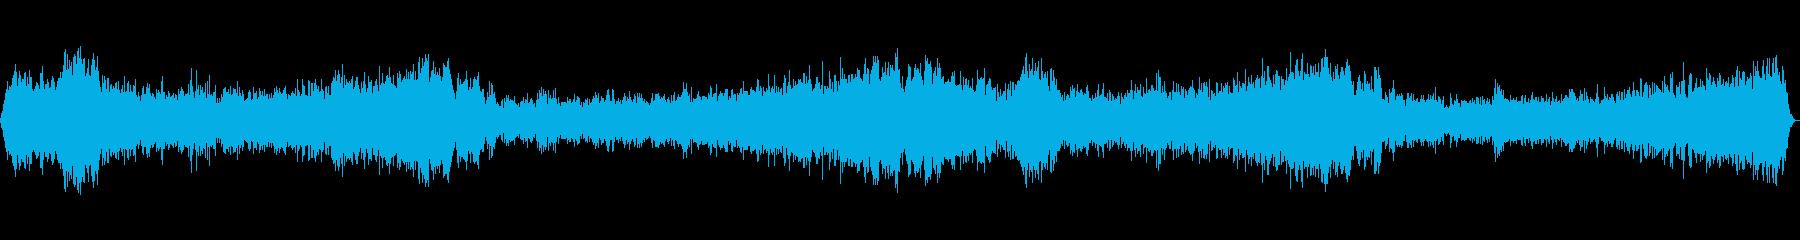 ホラー風BGM -監視-の再生済みの波形